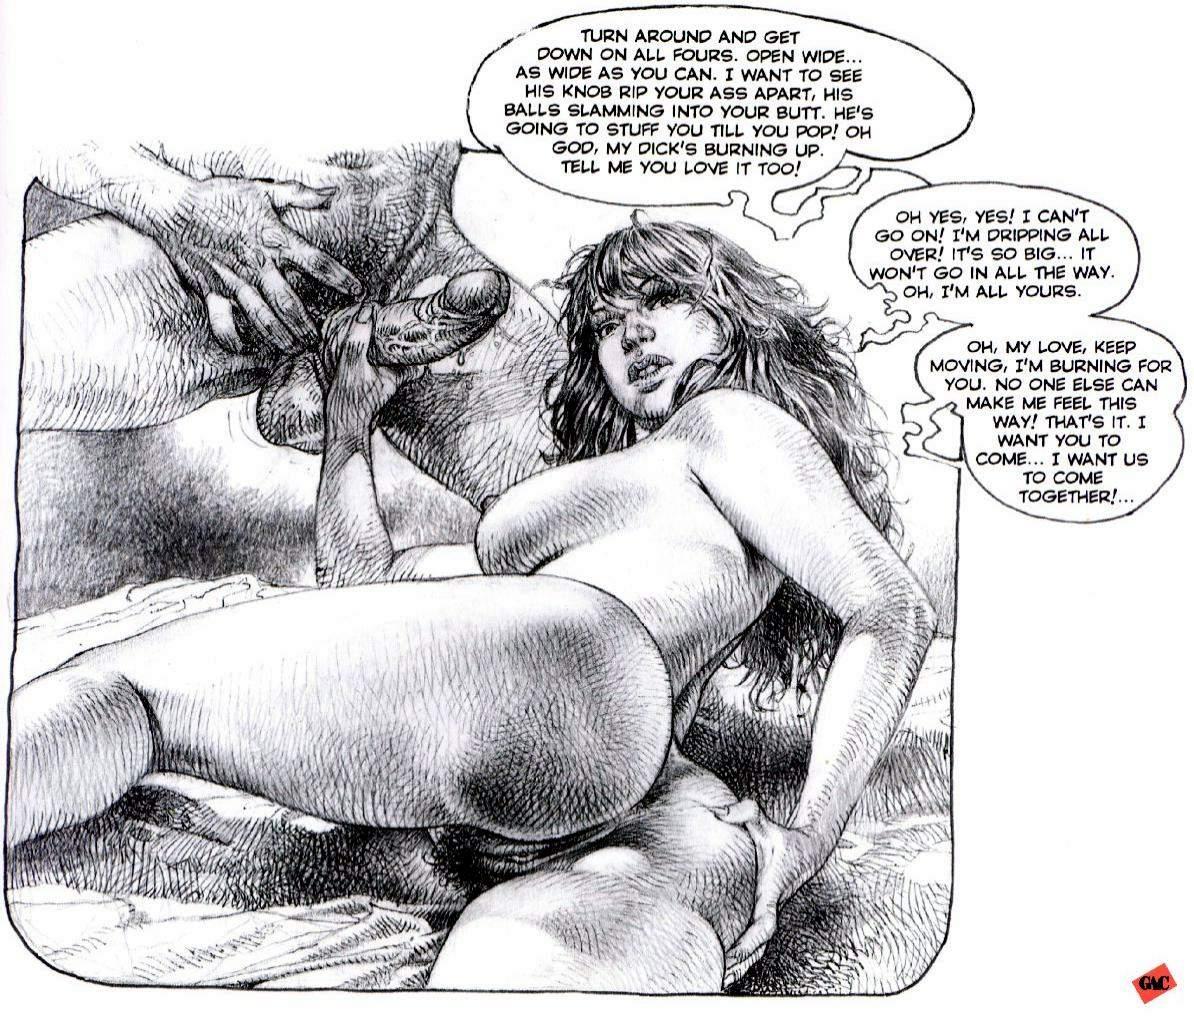 Cartoon Erotic Sex Pictures Pass